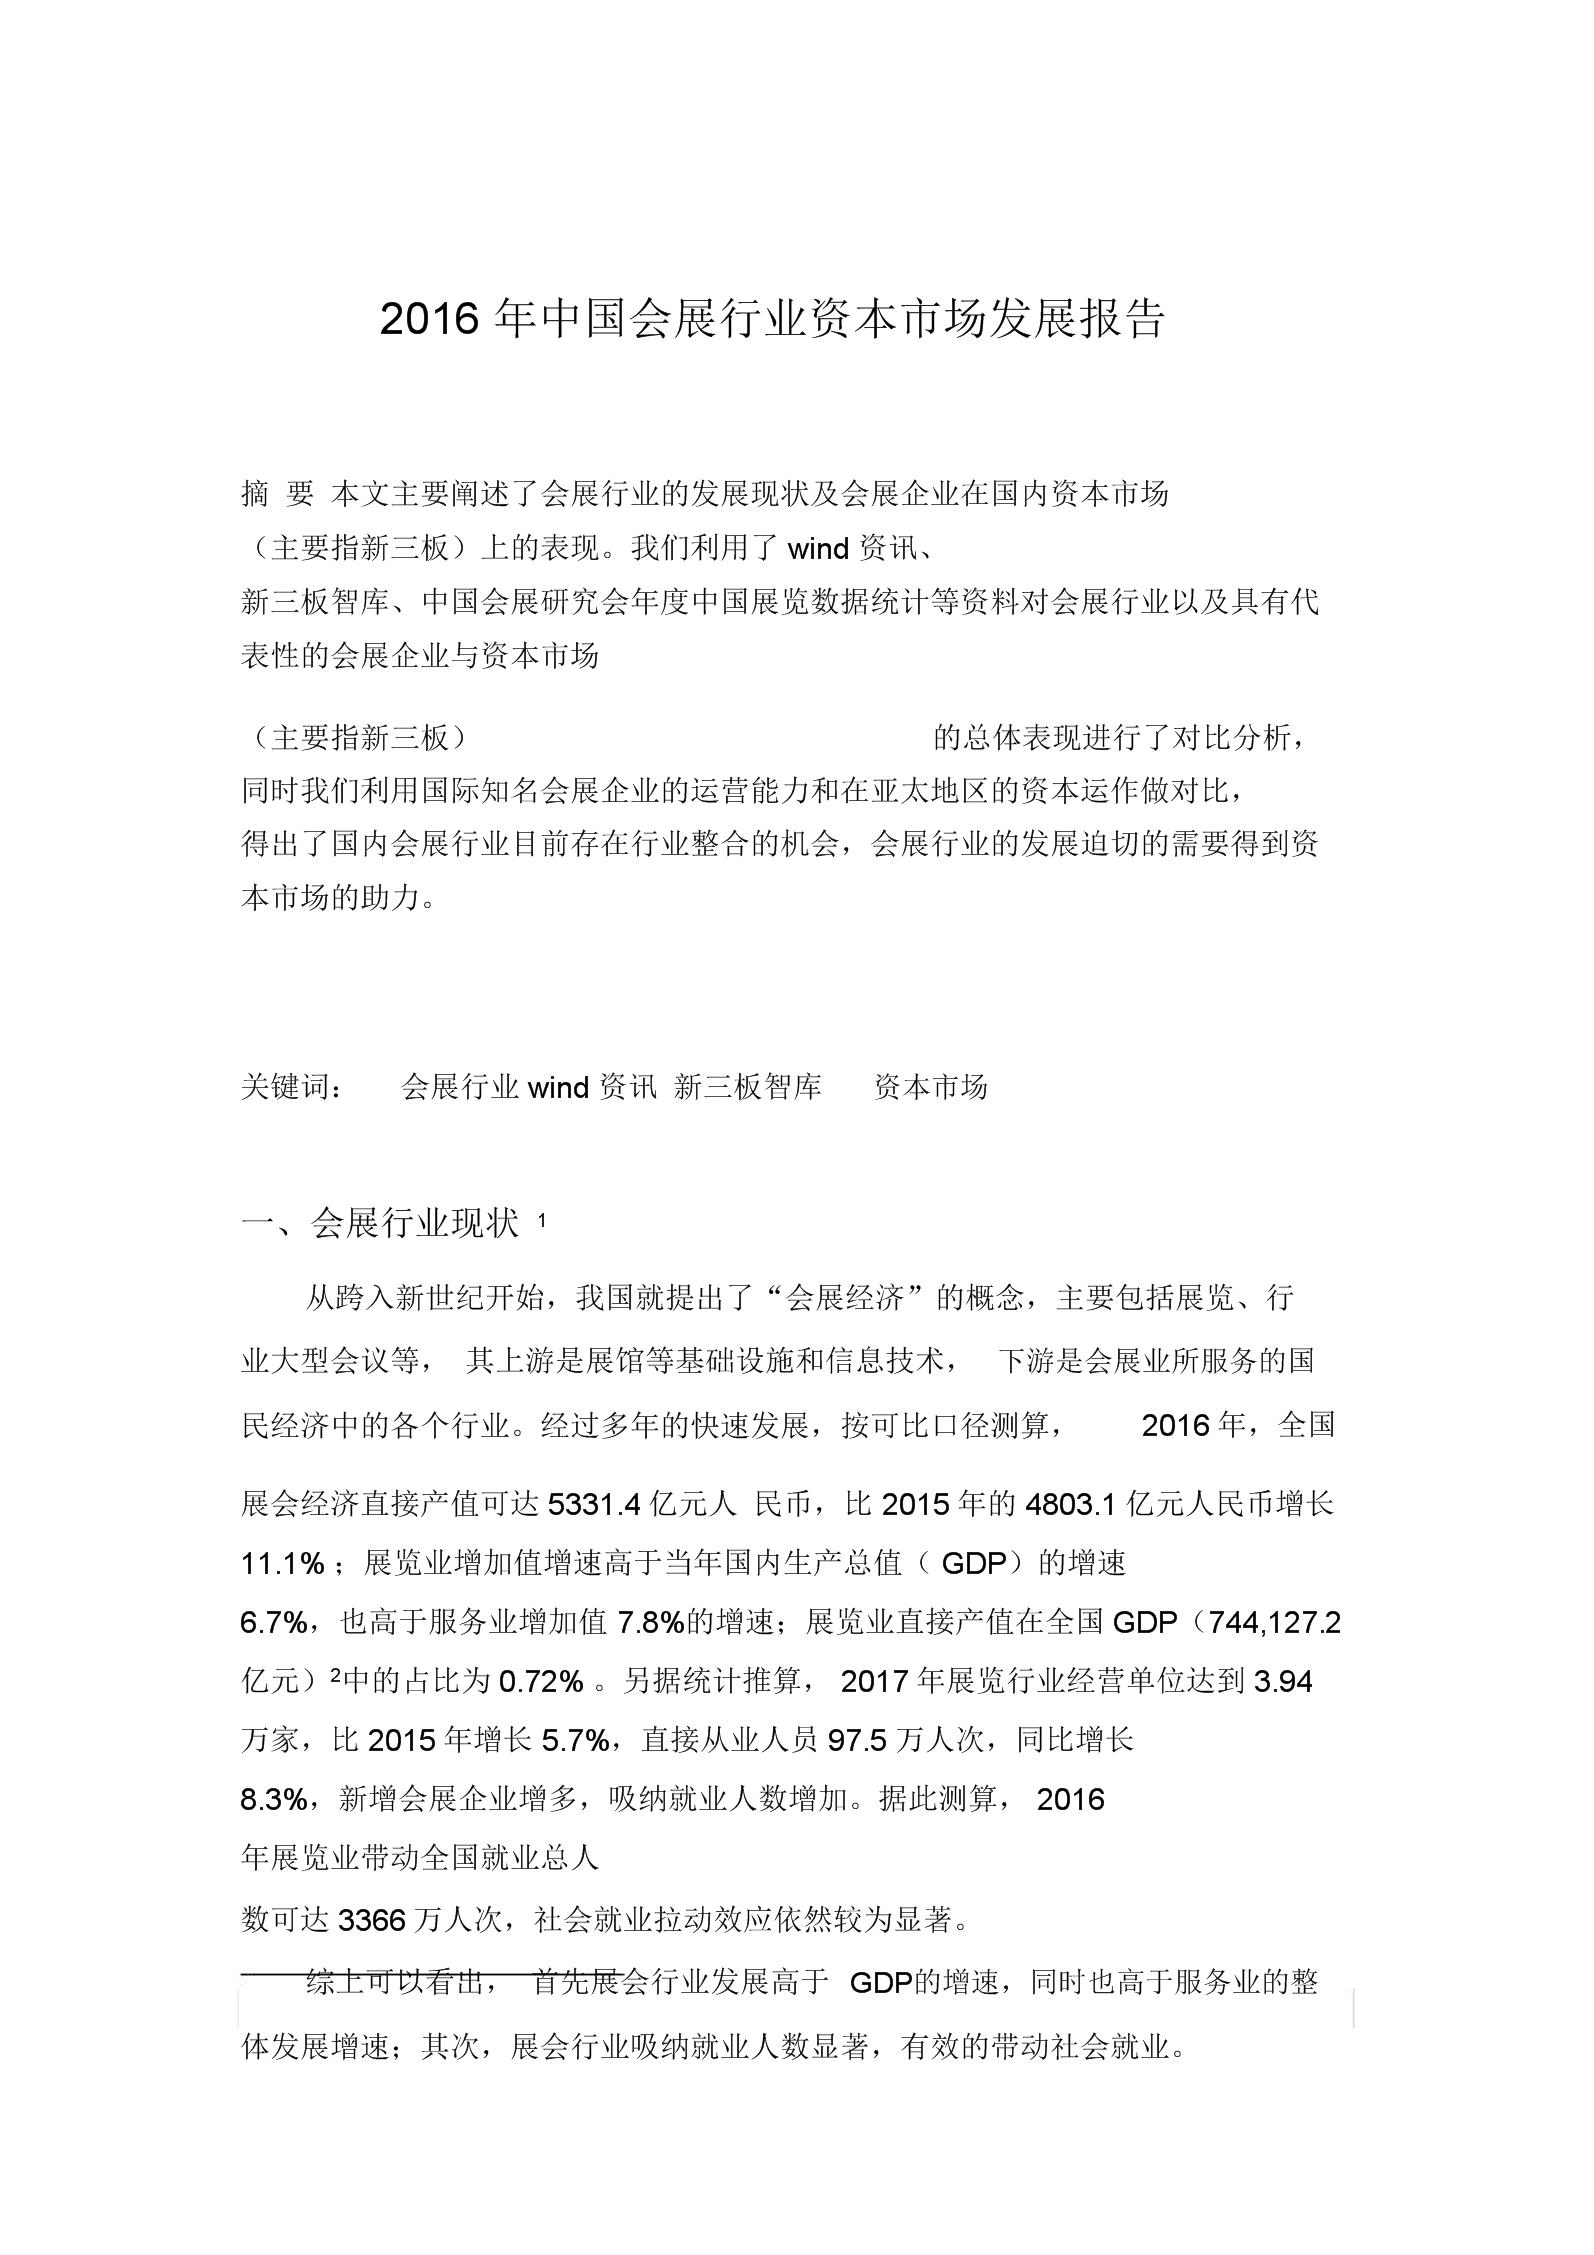 2016年中国会展行业资本场发展报告.doc